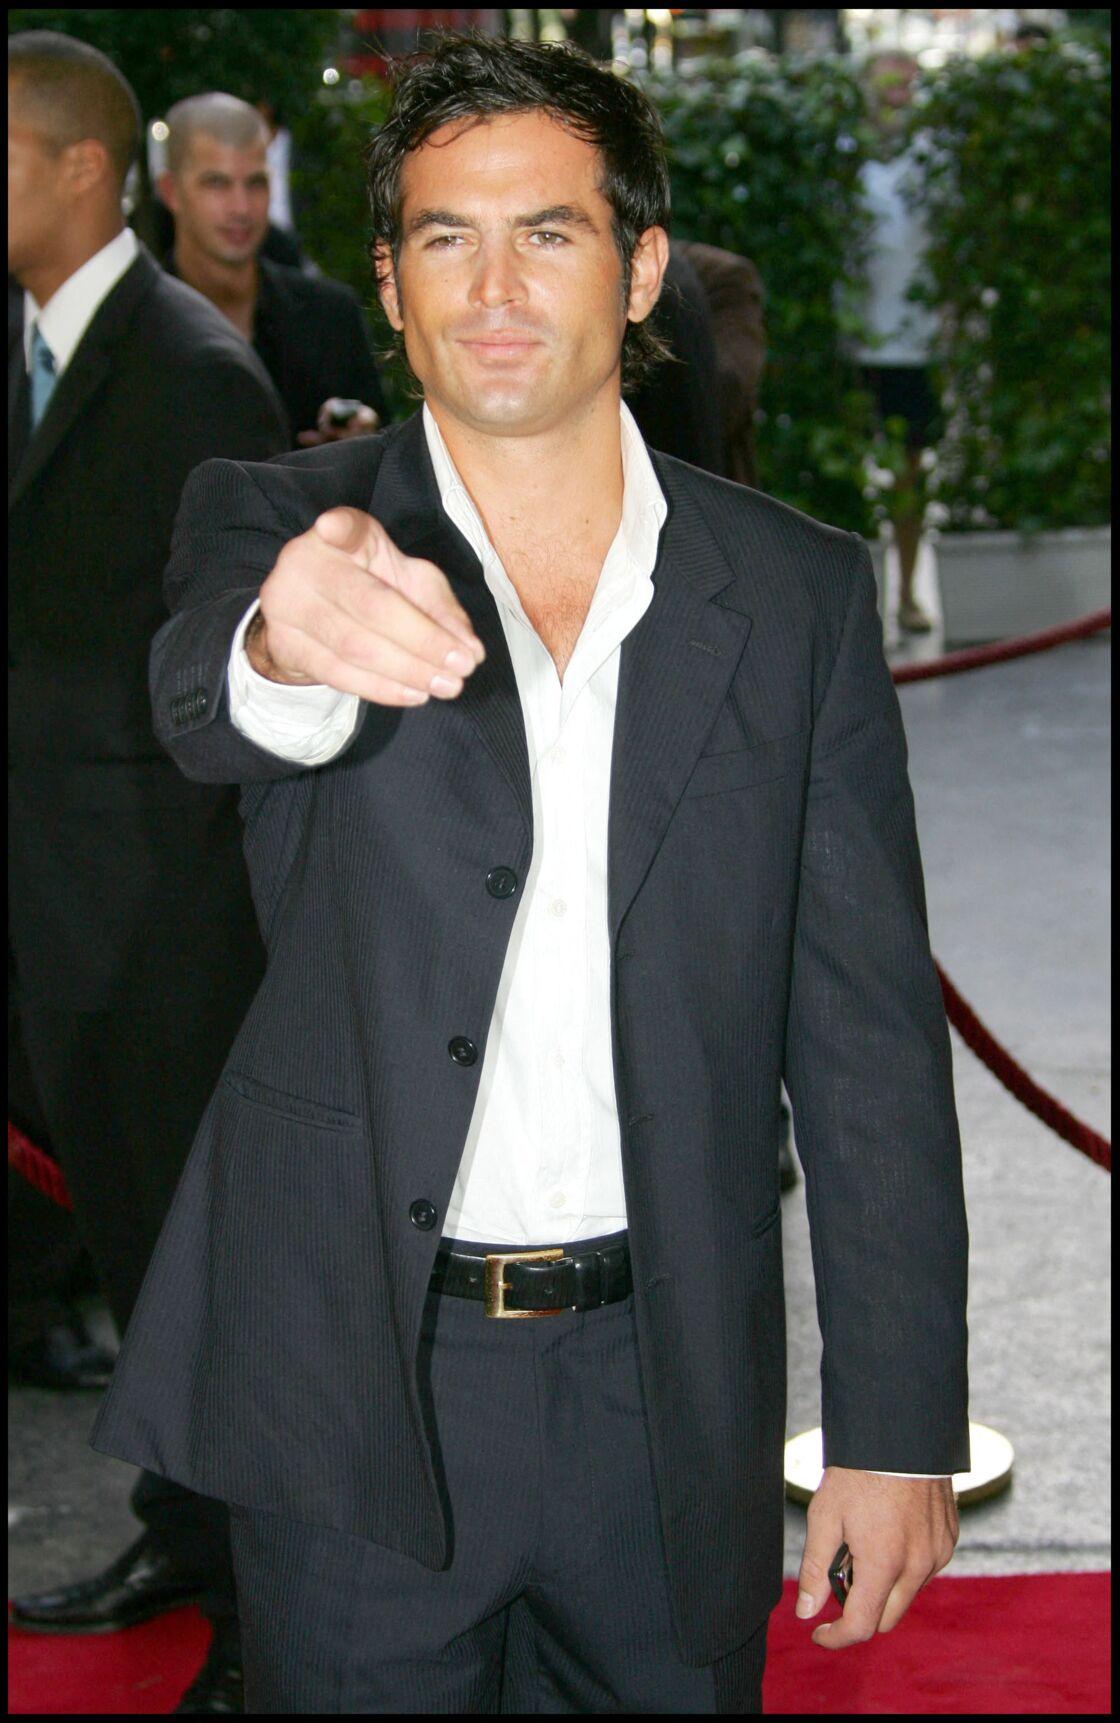 Filip Nikolic lors de la conférence de rentrée de TF1, en 2006. Le chanteur est devenu un second rôle dans